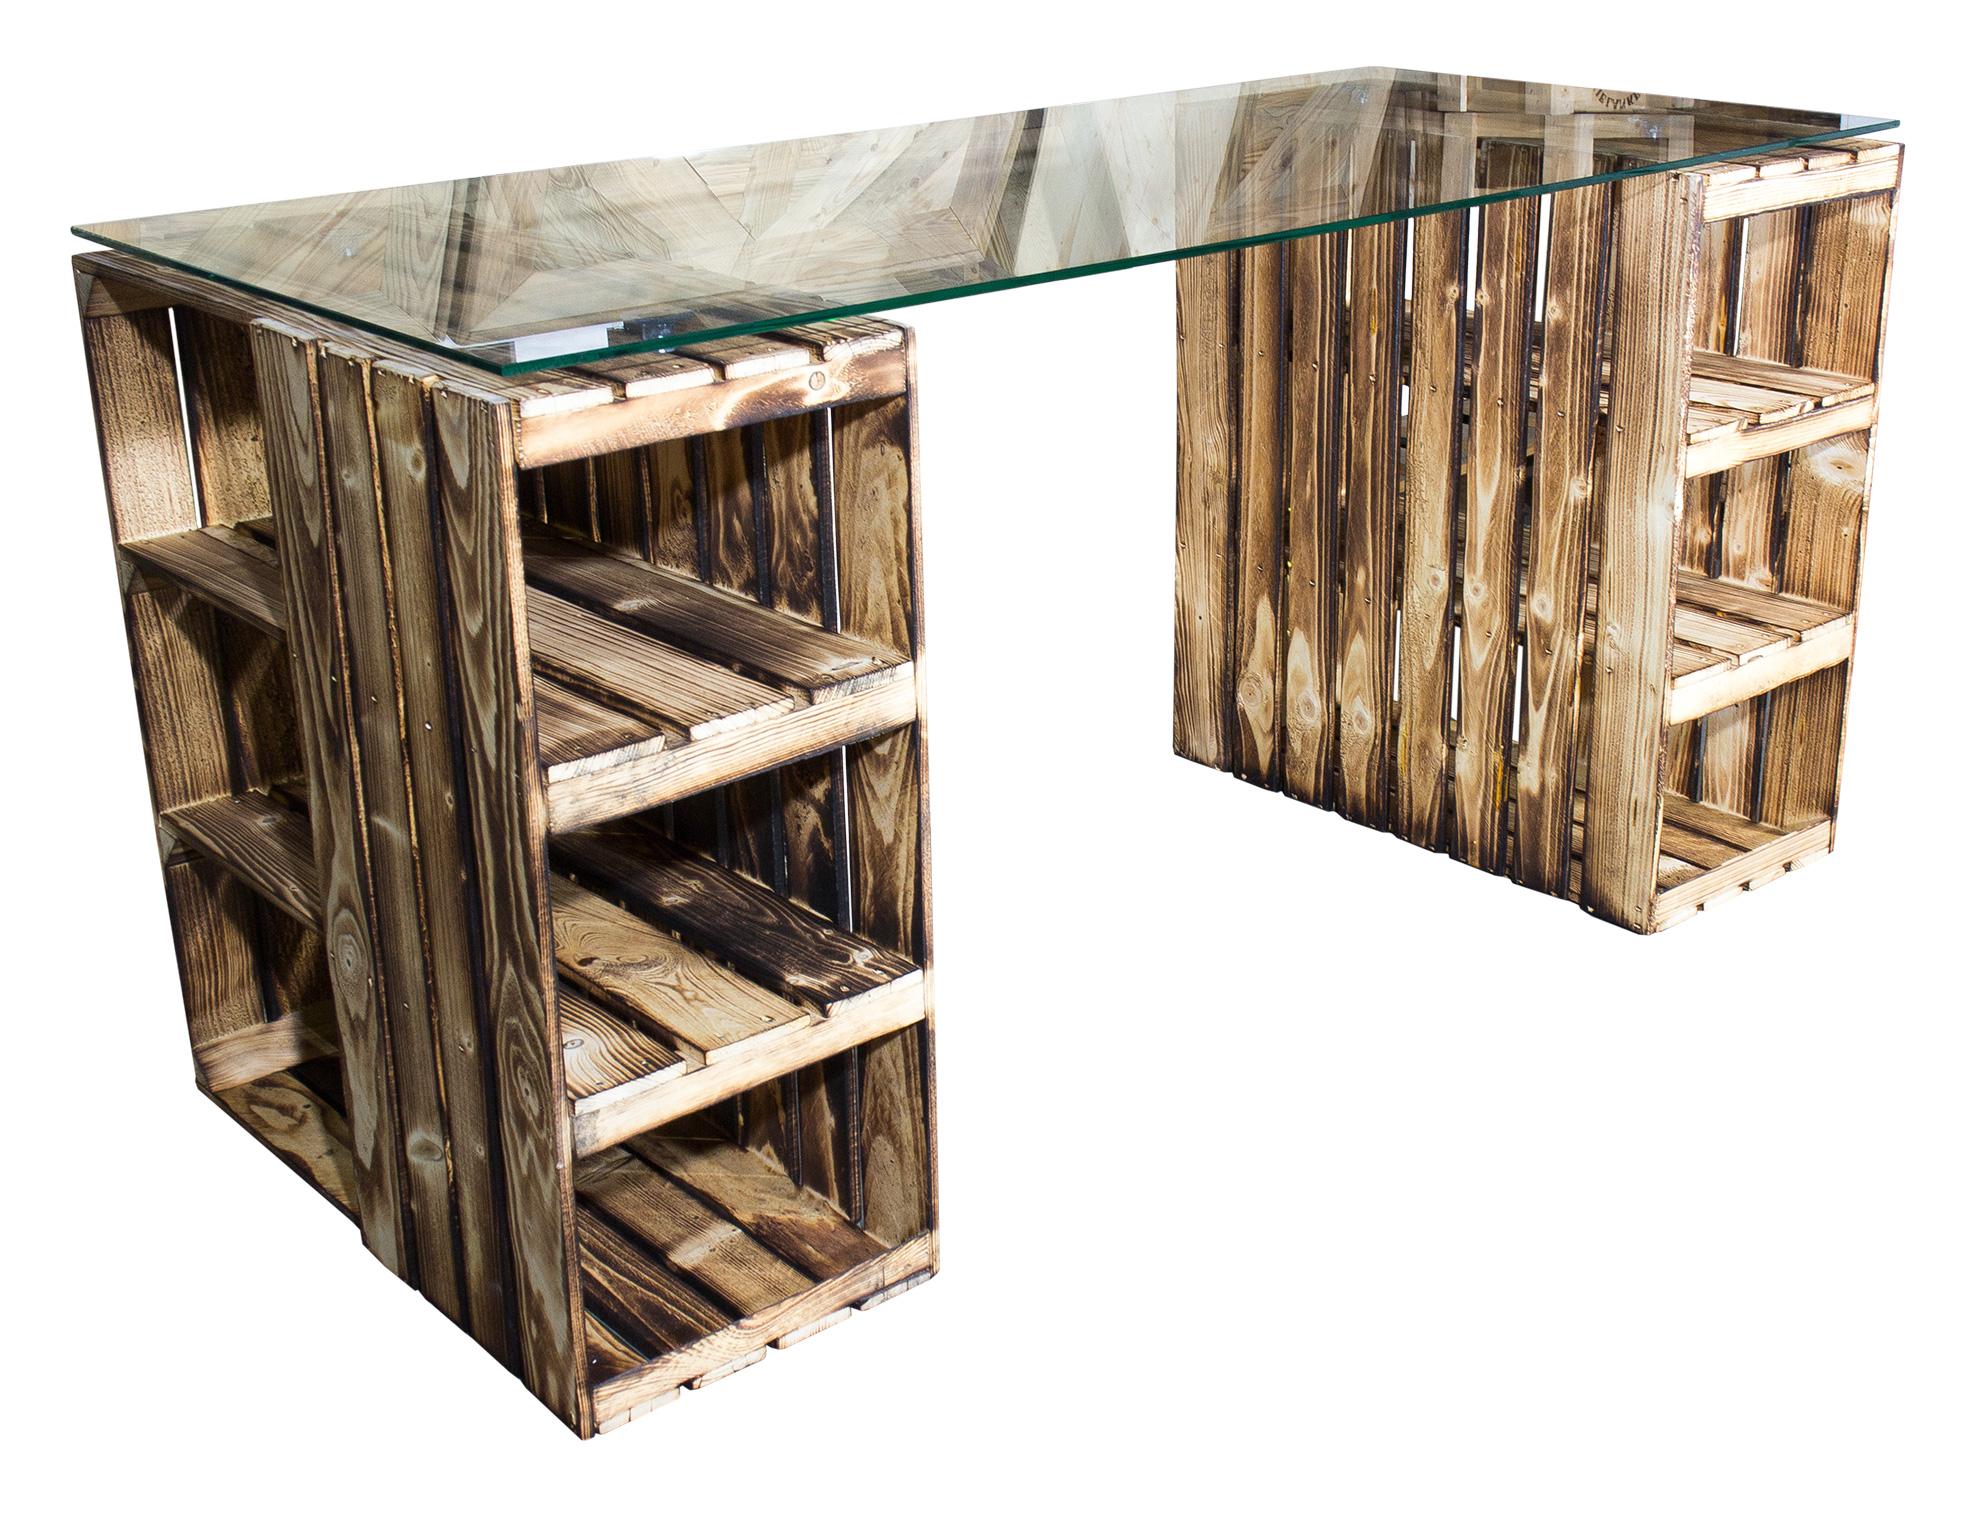 m bel schreibtisch mit geflammten holzkisten glasplatte 150x70x75cm. Black Bedroom Furniture Sets. Home Design Ideas